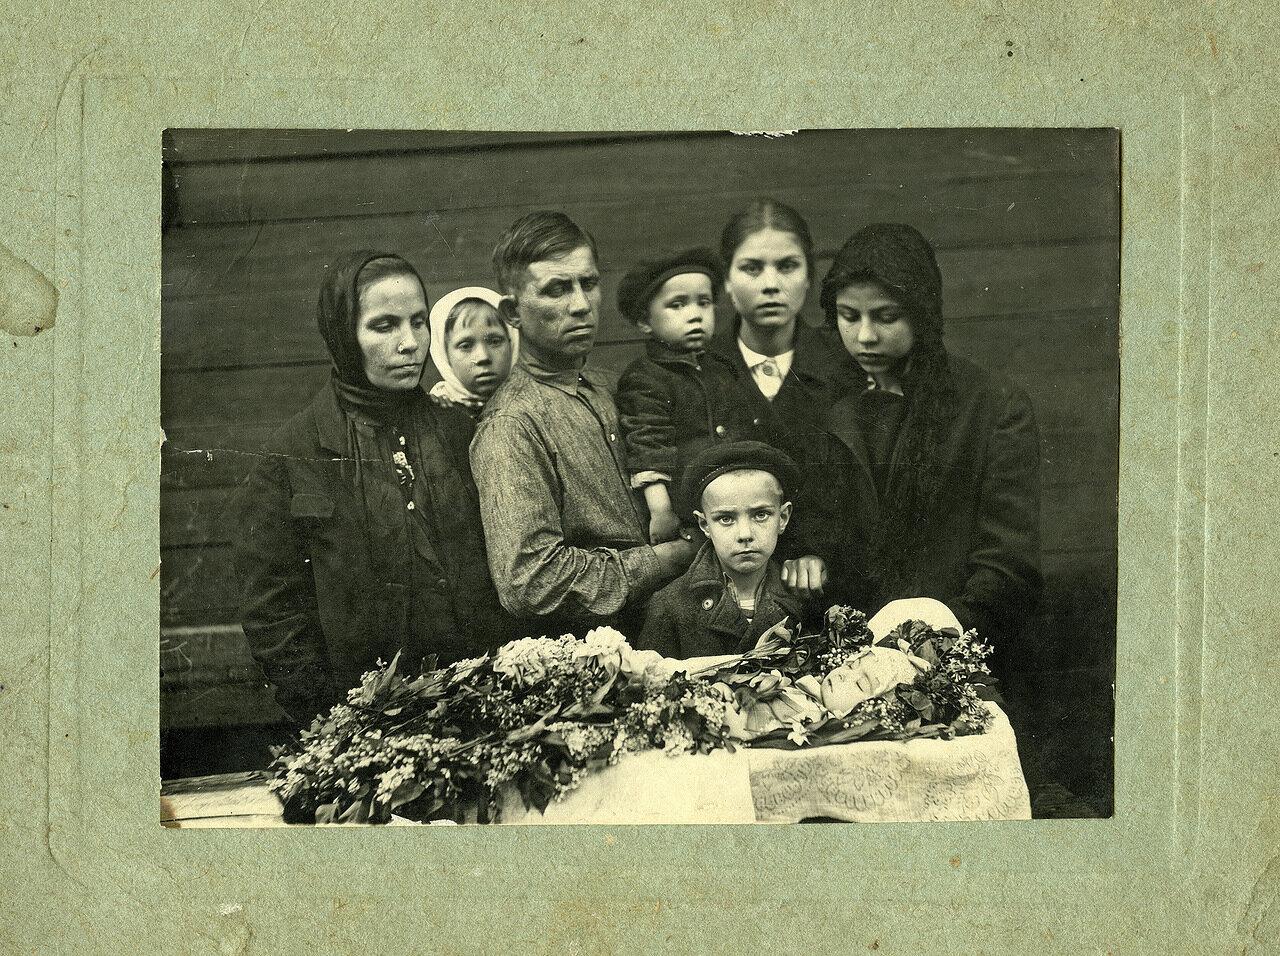 Похороны младенца в семье бригадира строителей. 30-ые гг.